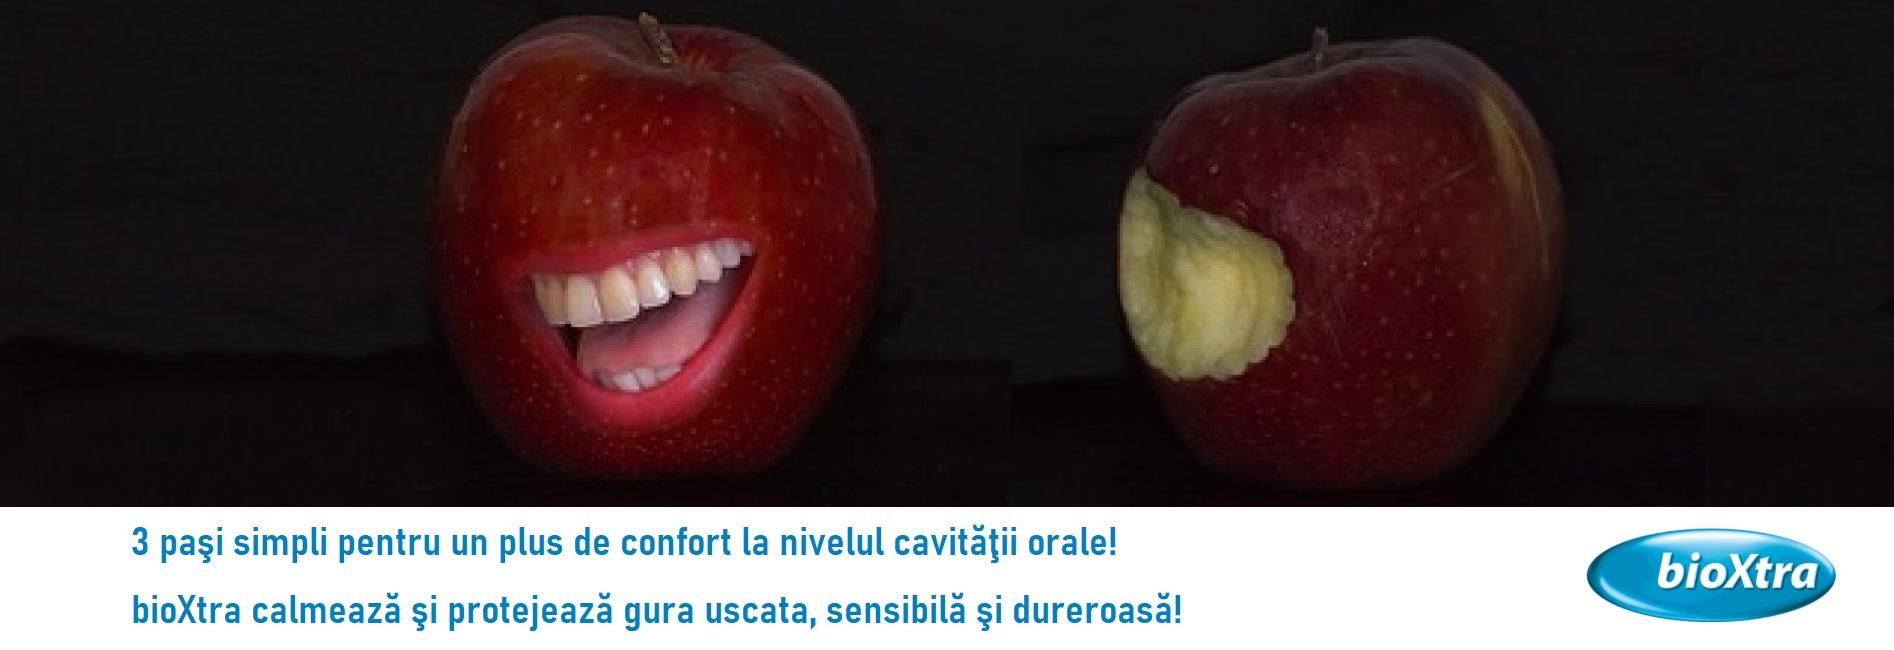 Pentru un plus de confort al cavitatii orale